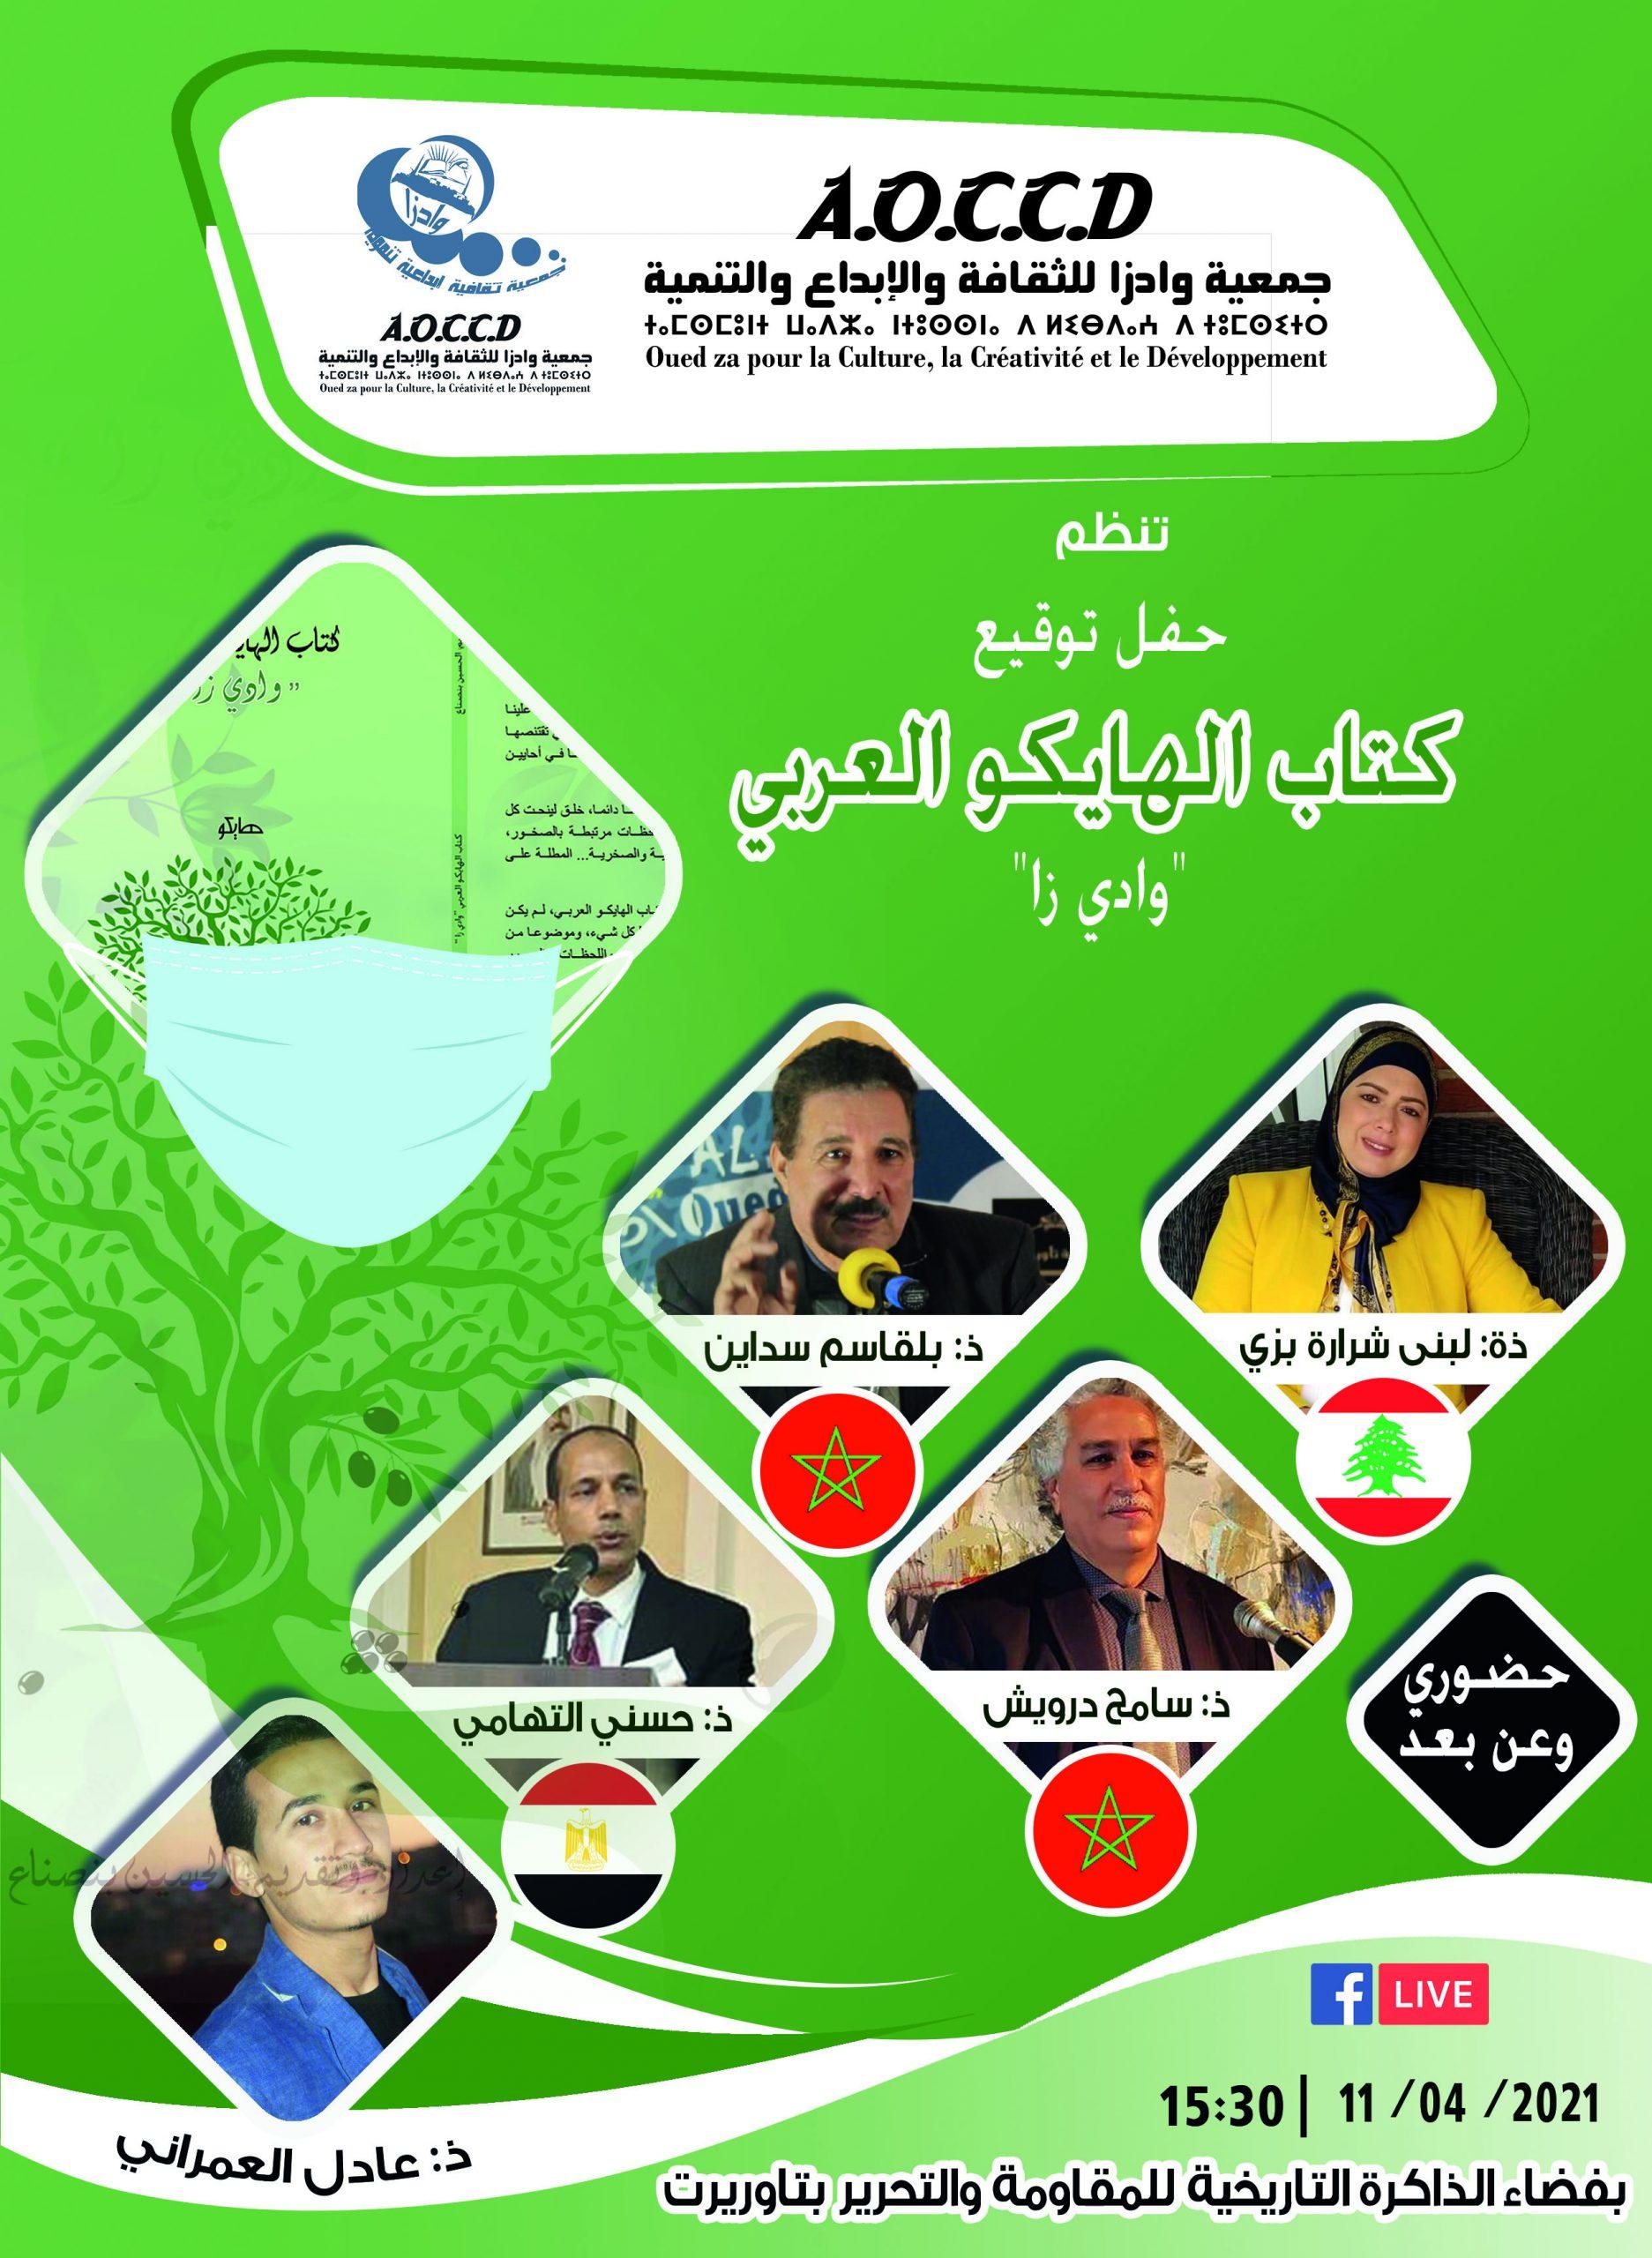 حفل توقيع كتاب الهايكو العربي وادي زا